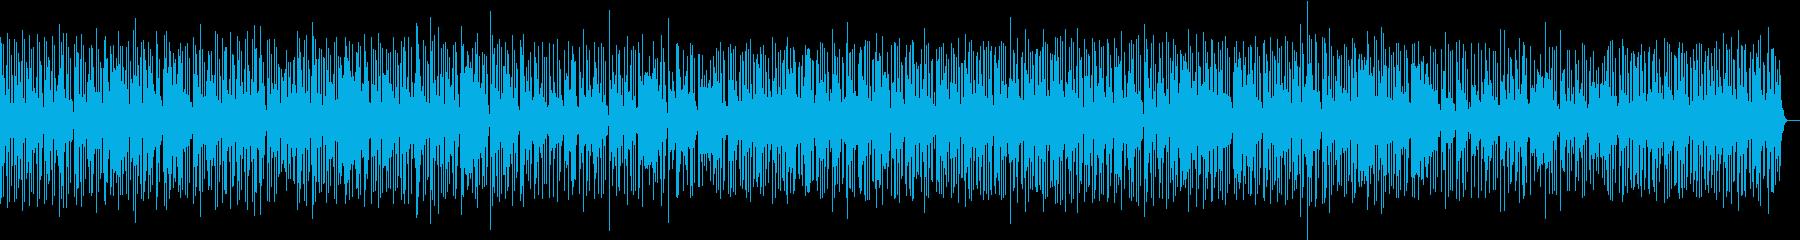 お洒落でグルーブ感のあるブルースBGMの再生済みの波形